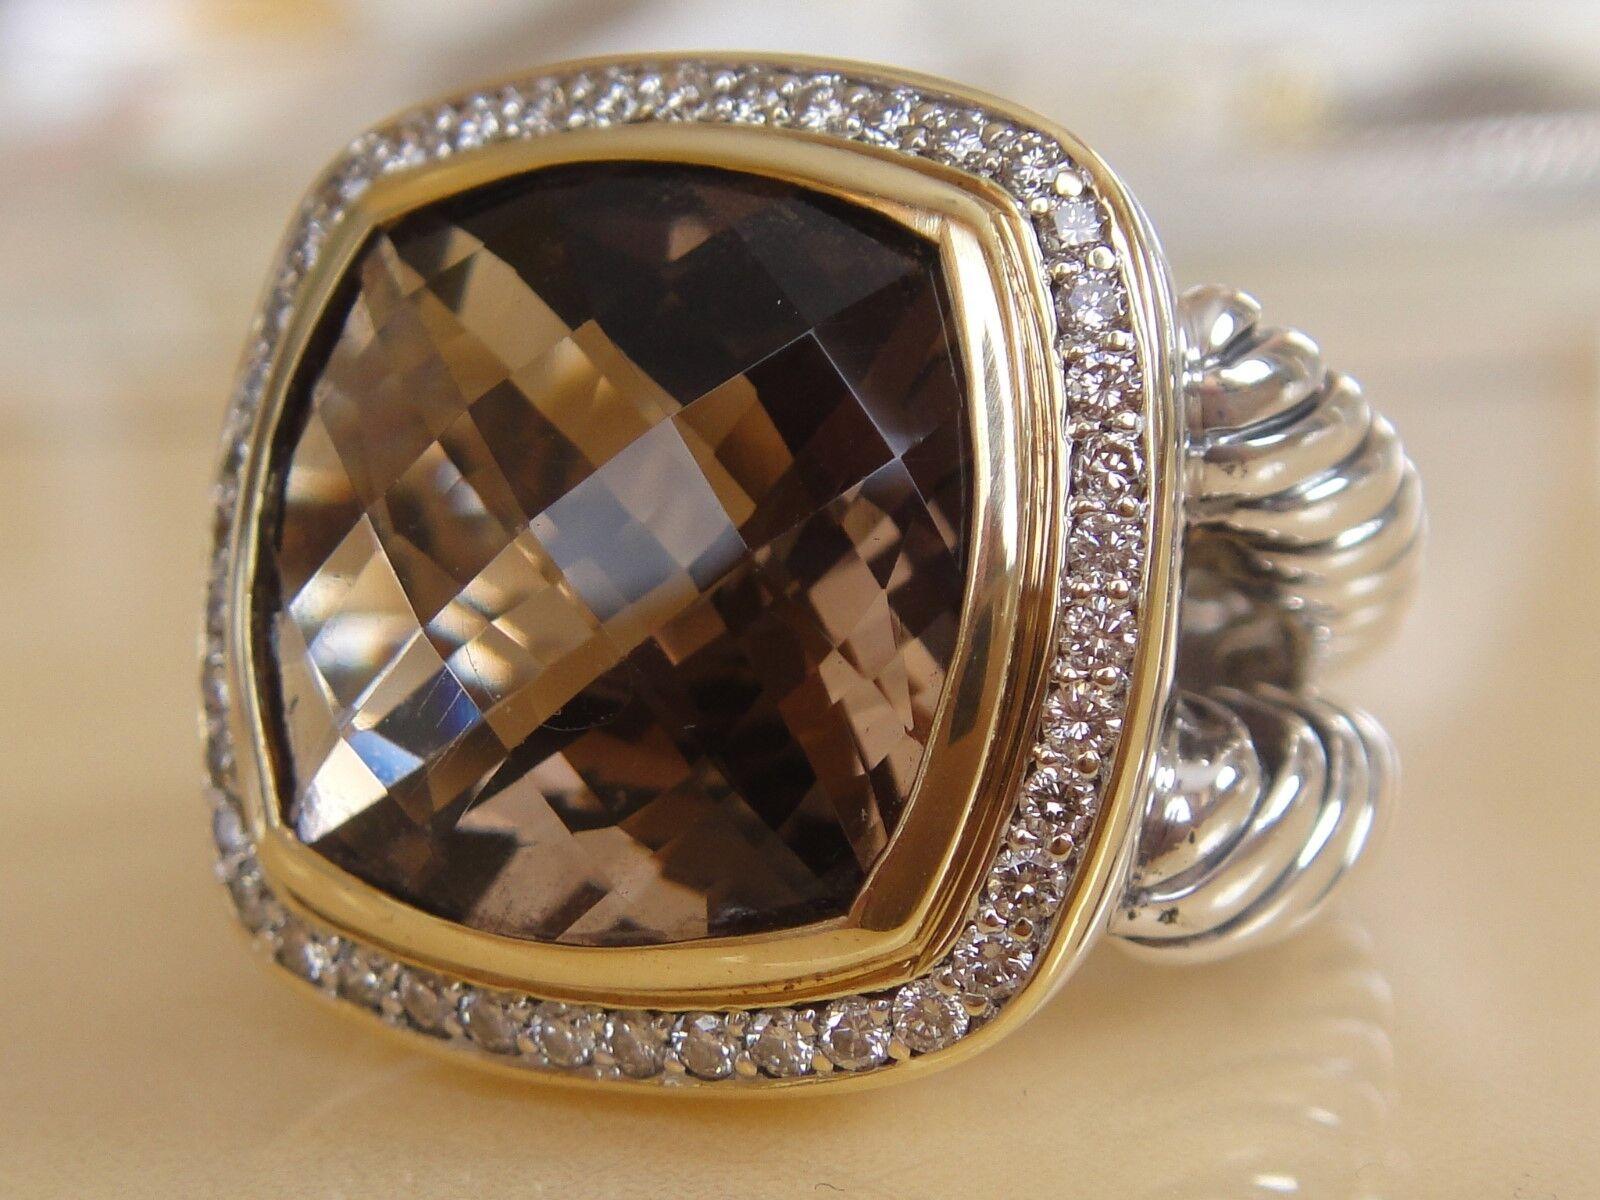 2450 DAVID YURMAN 18K gold ,SS DIAMOND SMOKY QUARTZ RING